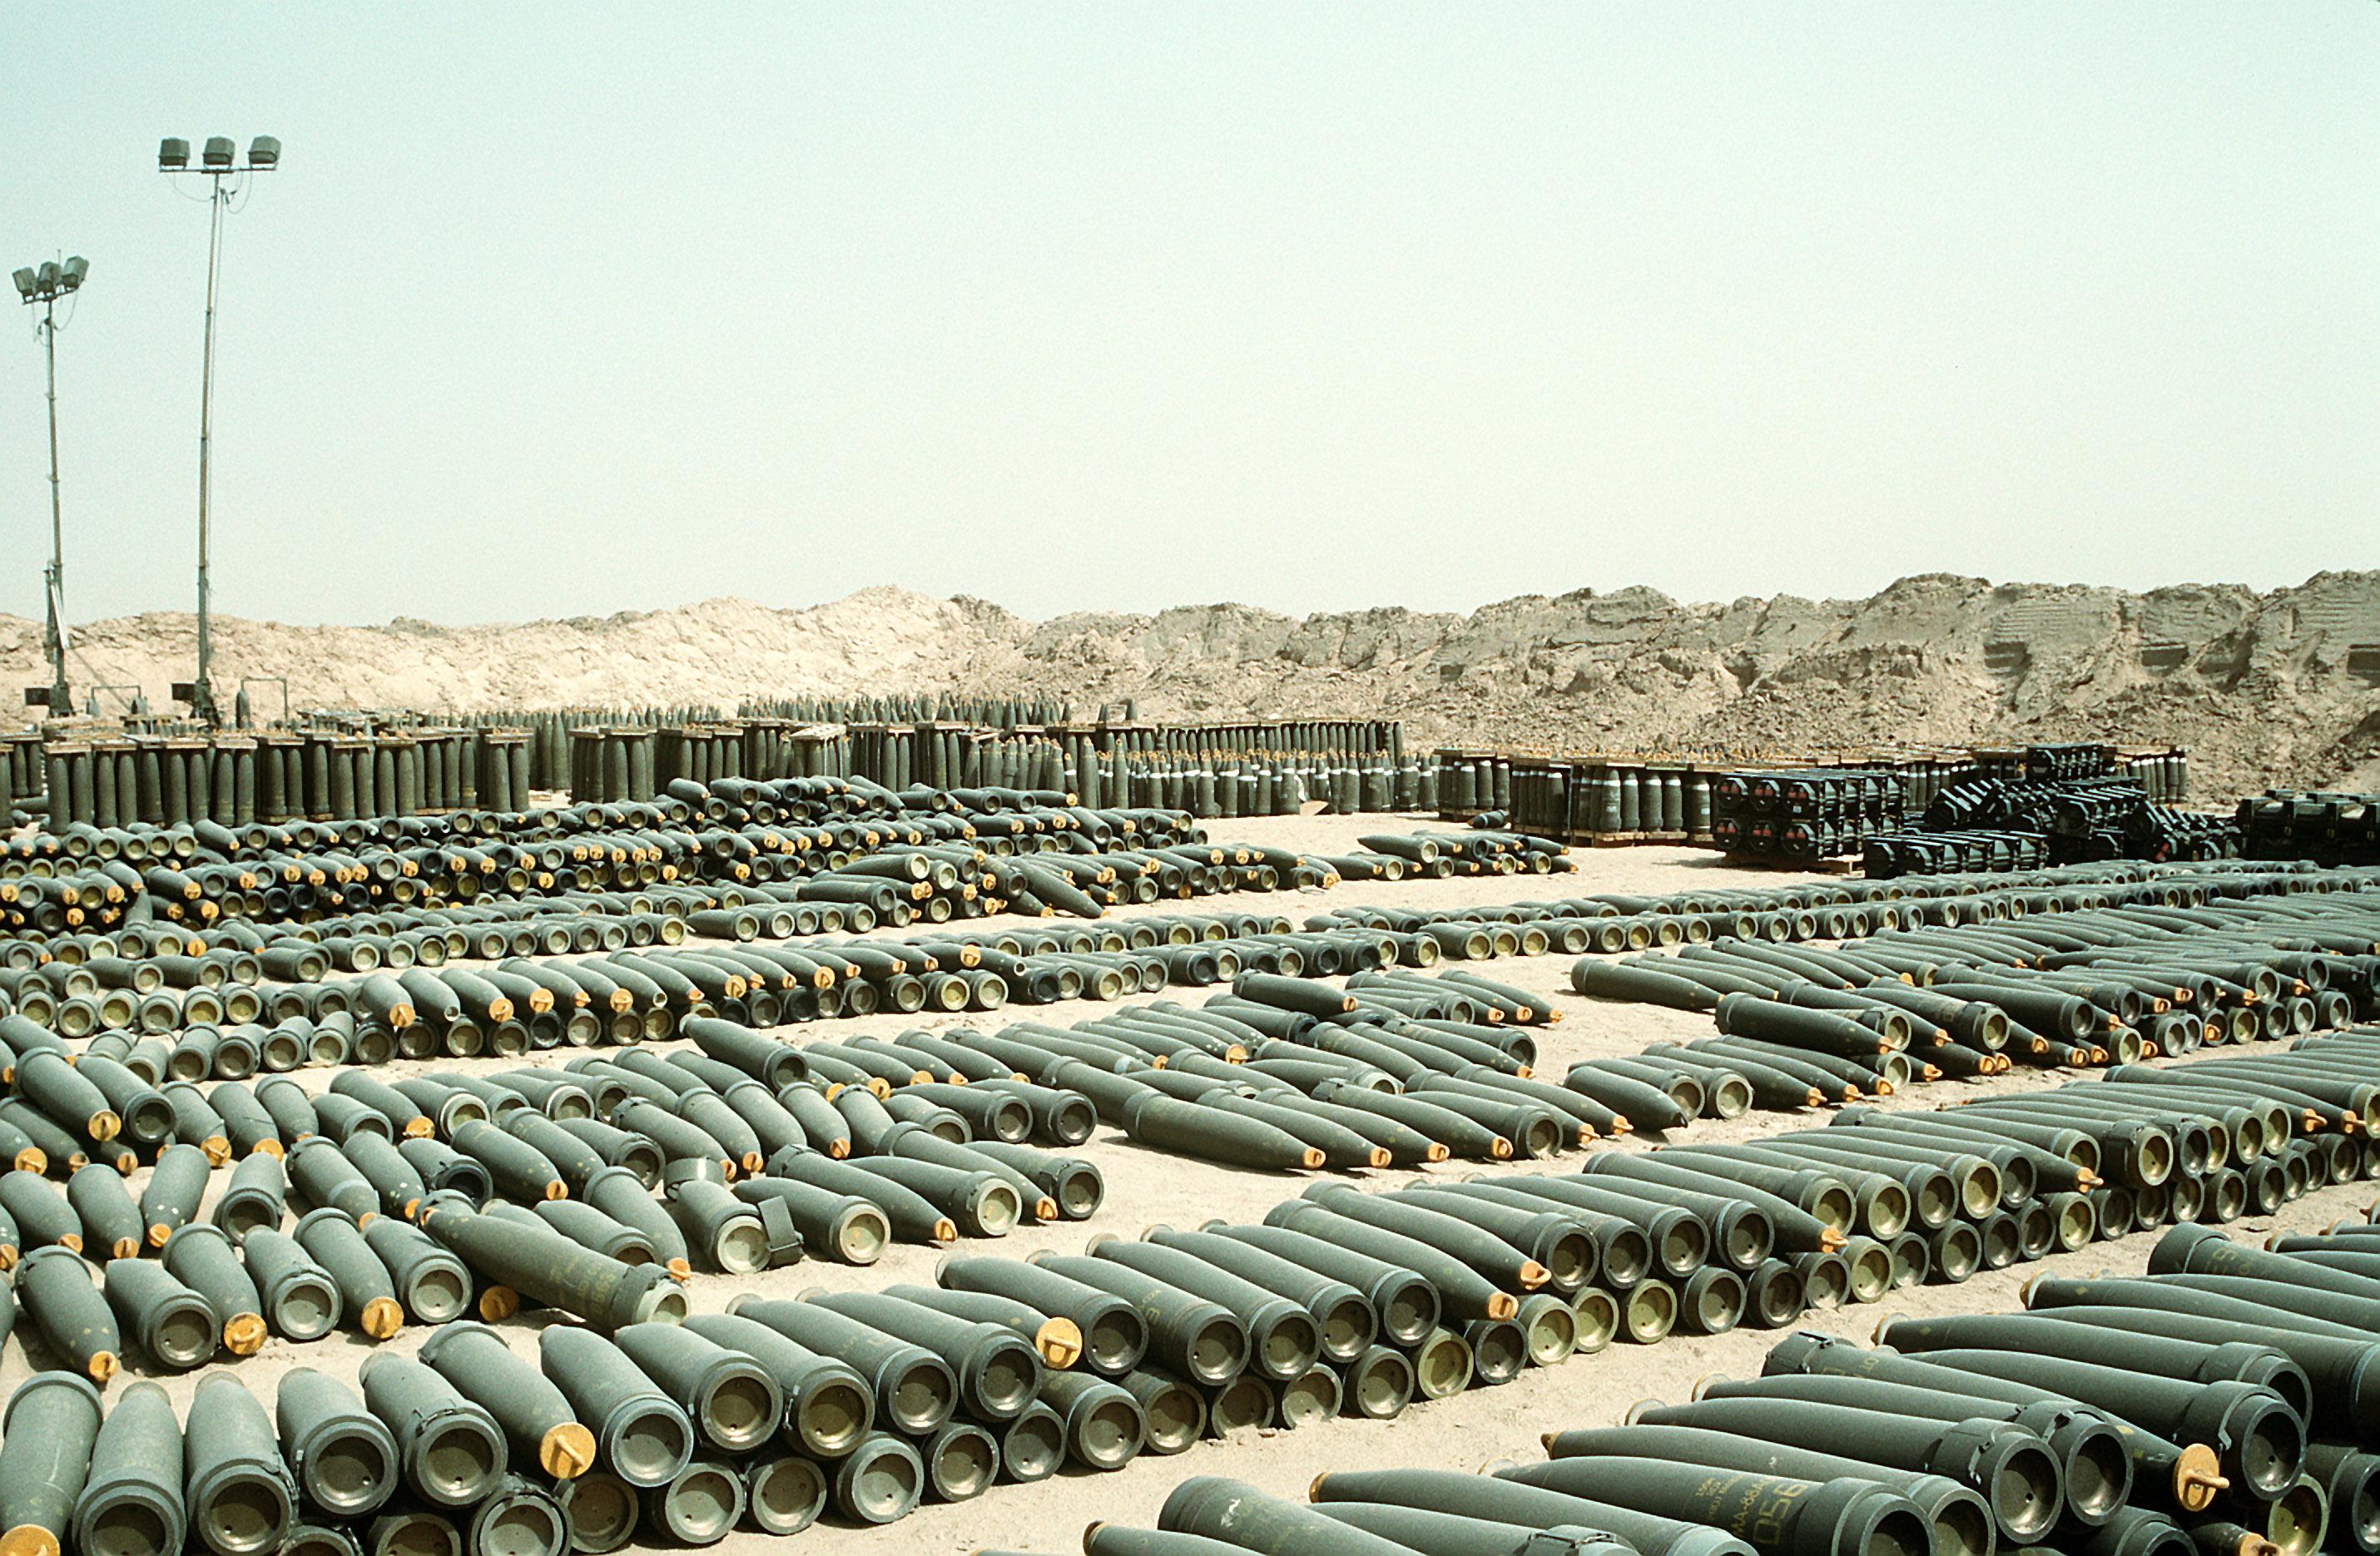 Guerre en Irak - Page 3 6061790231_53e91fa165_o